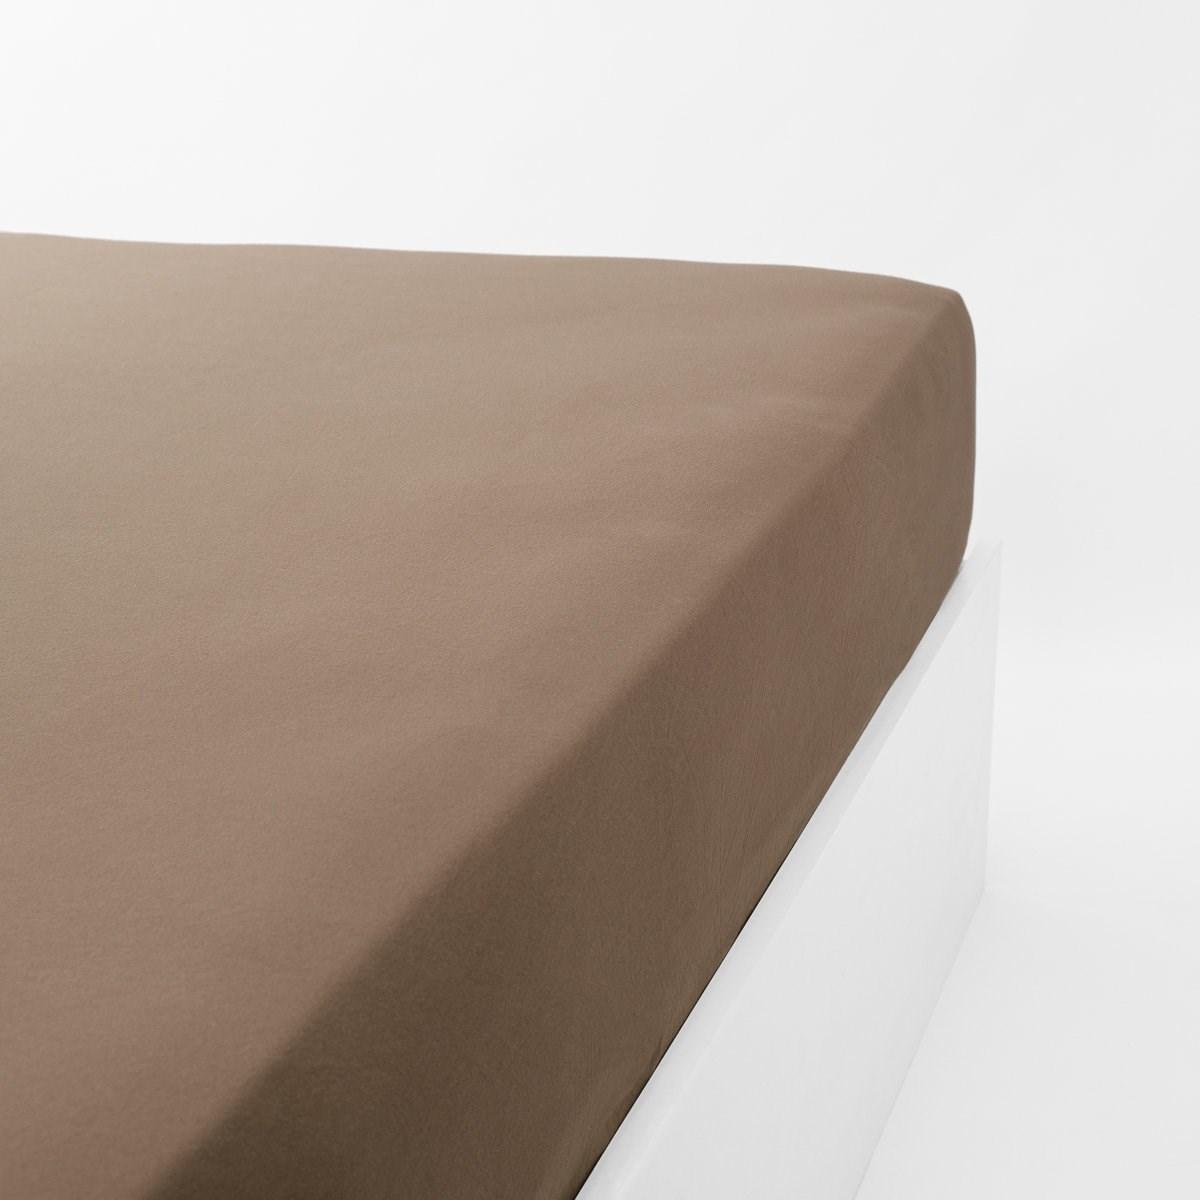 Drap housse jersey extensible en coton marron 80x200 cm